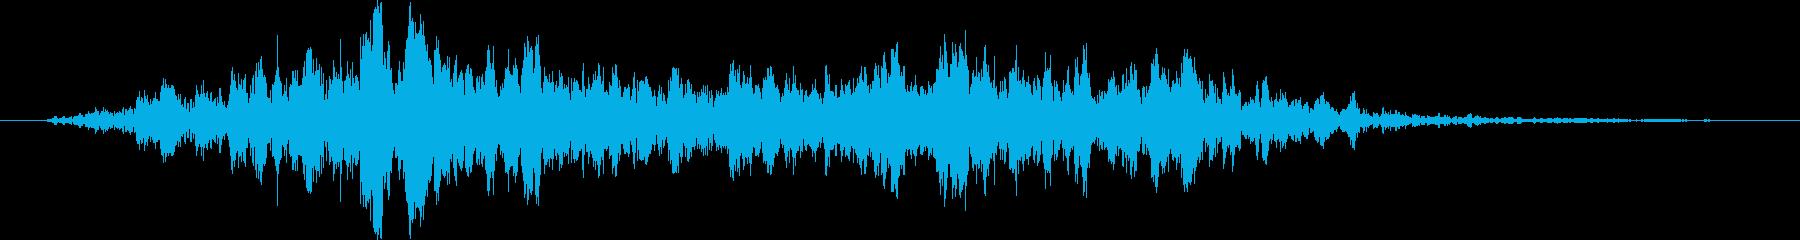 風魔法(かまいたち)の再生済みの波形